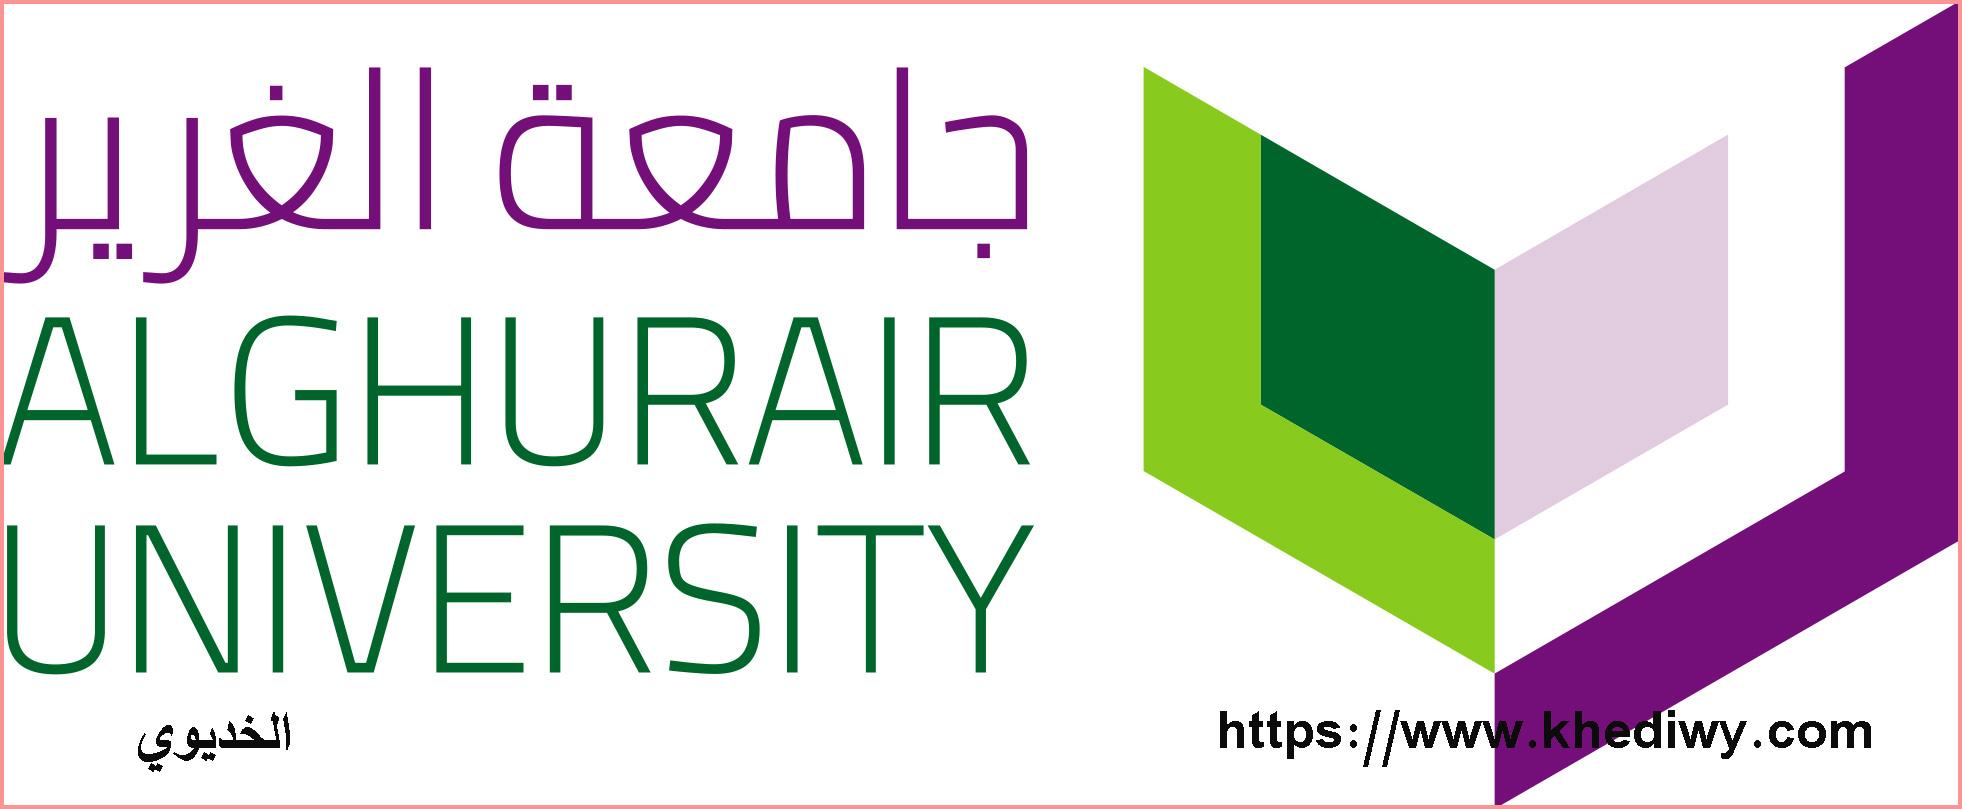 جامعة الغرير دبي .. ما هي معايير القبول بالجامعة والتخصصات المتاحة ؟؟